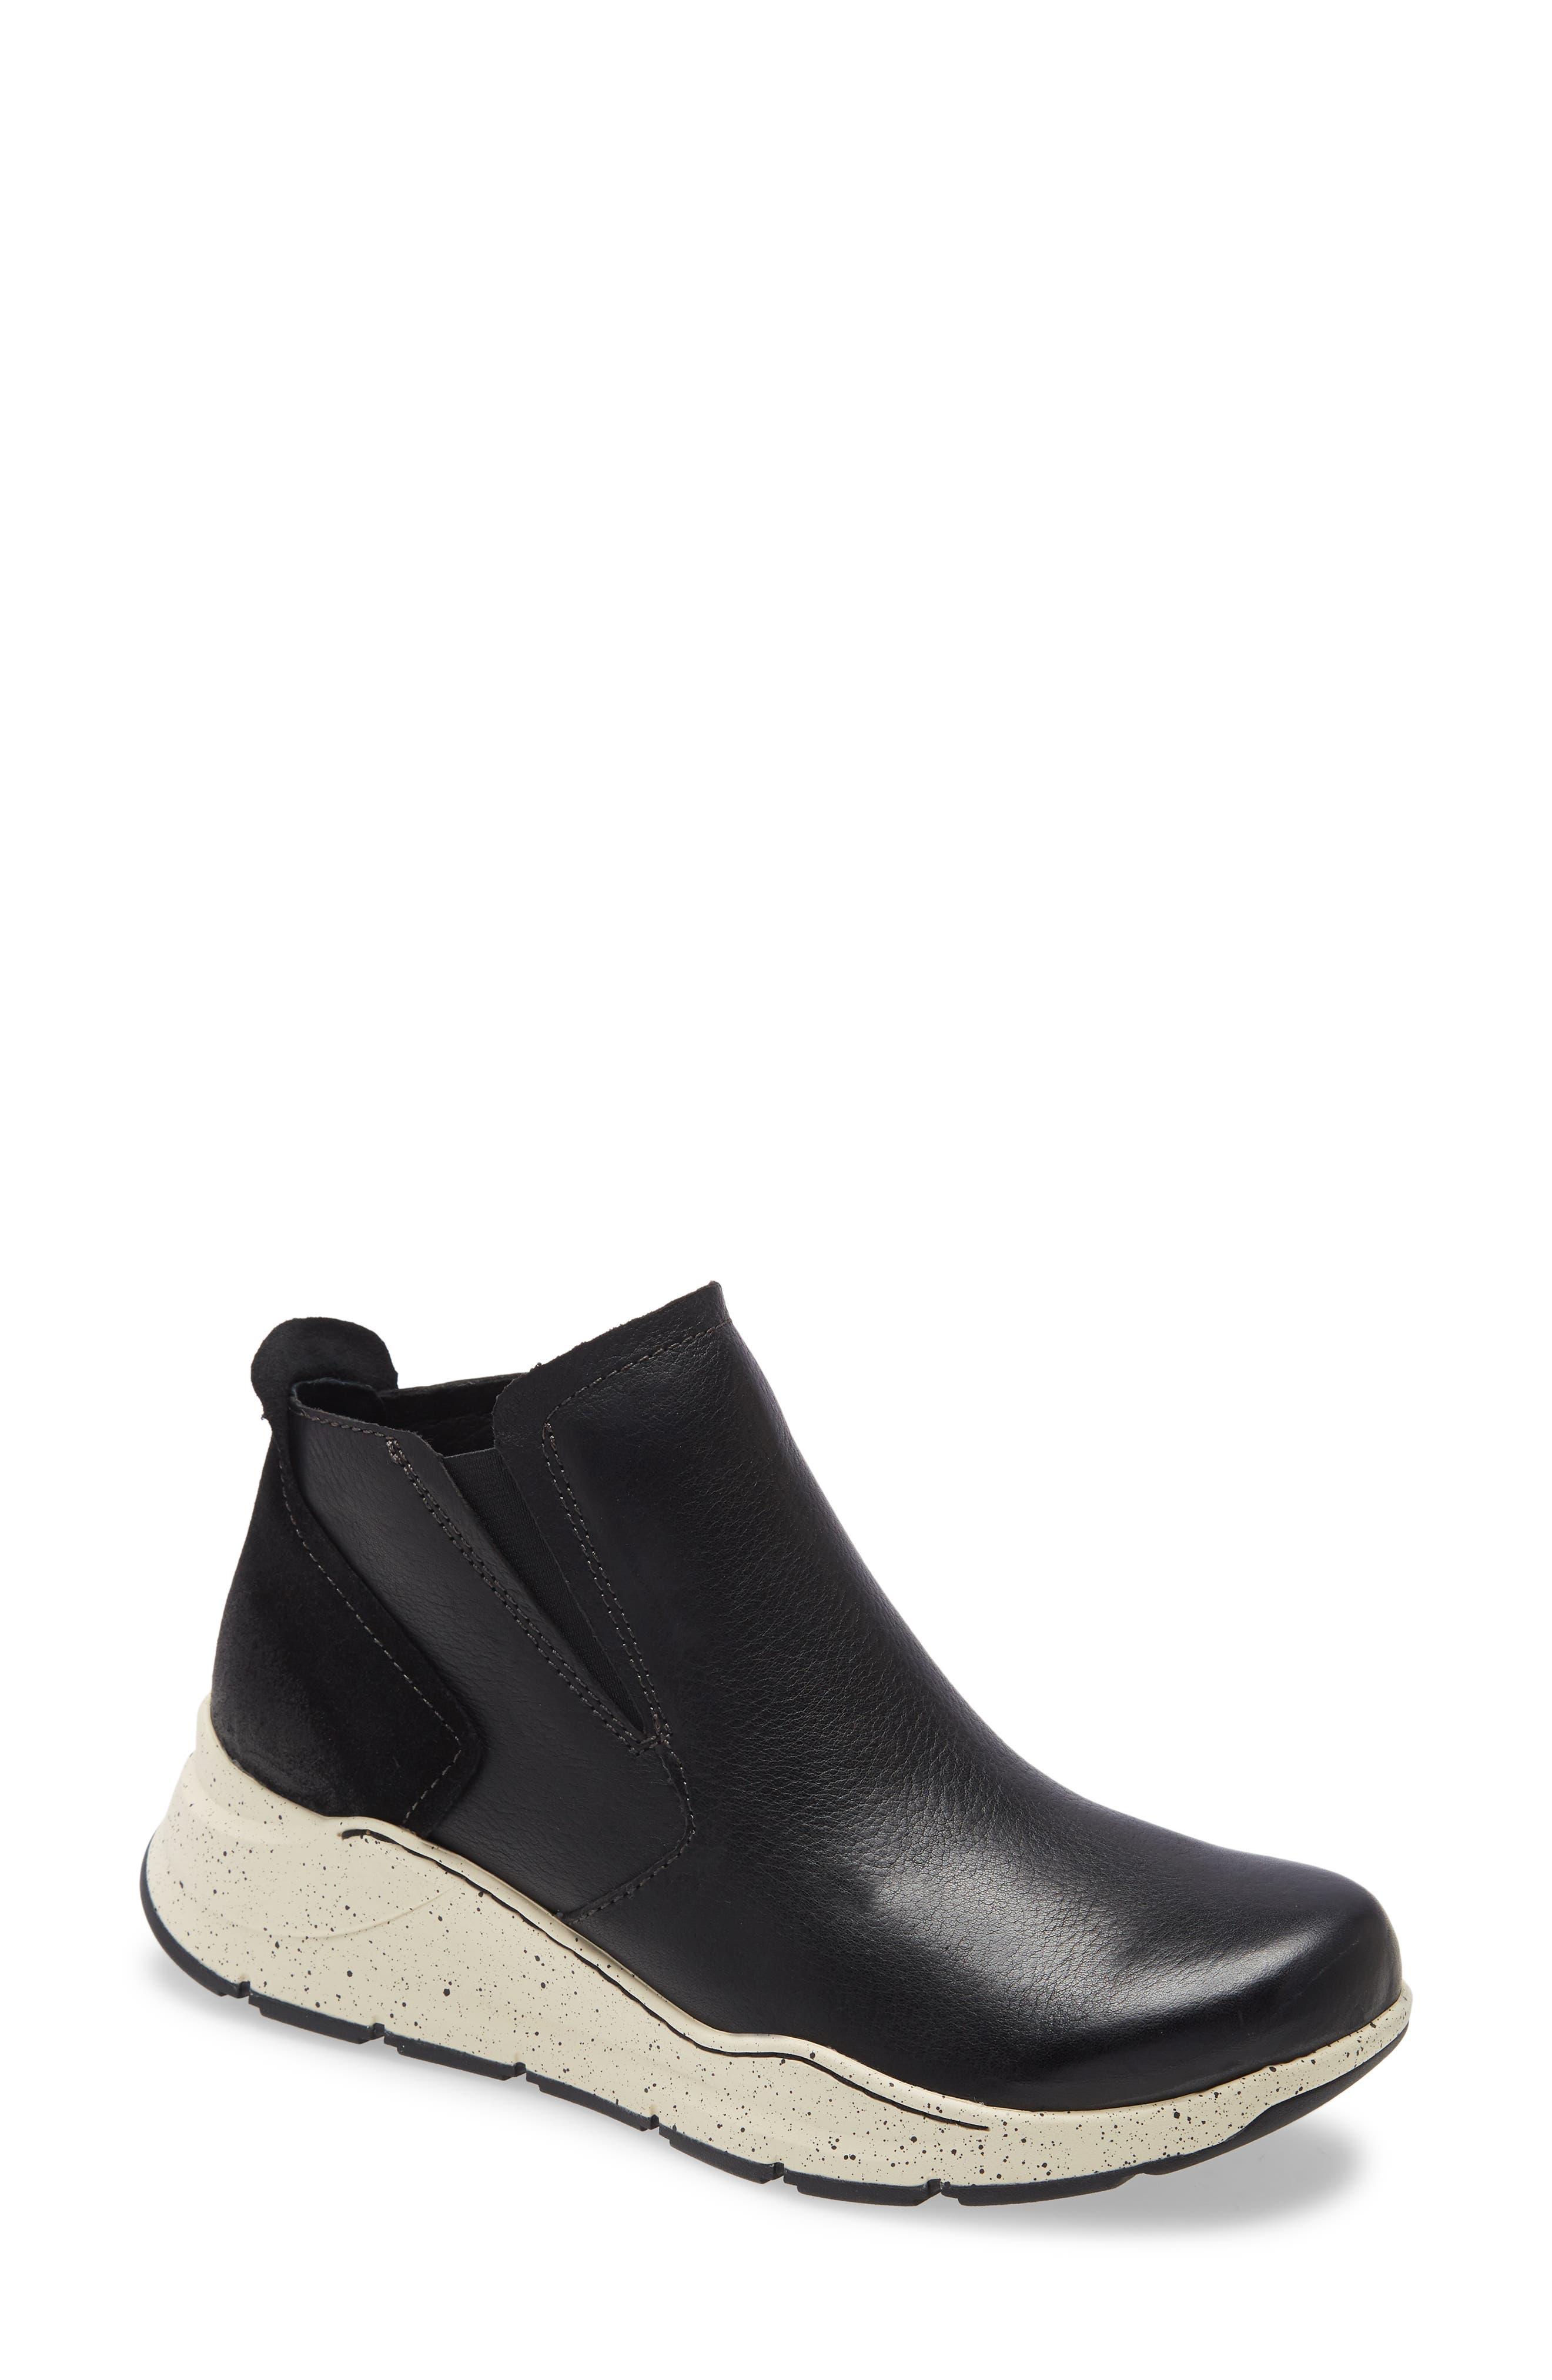 Oana Waterproof Slip-On Sneaker